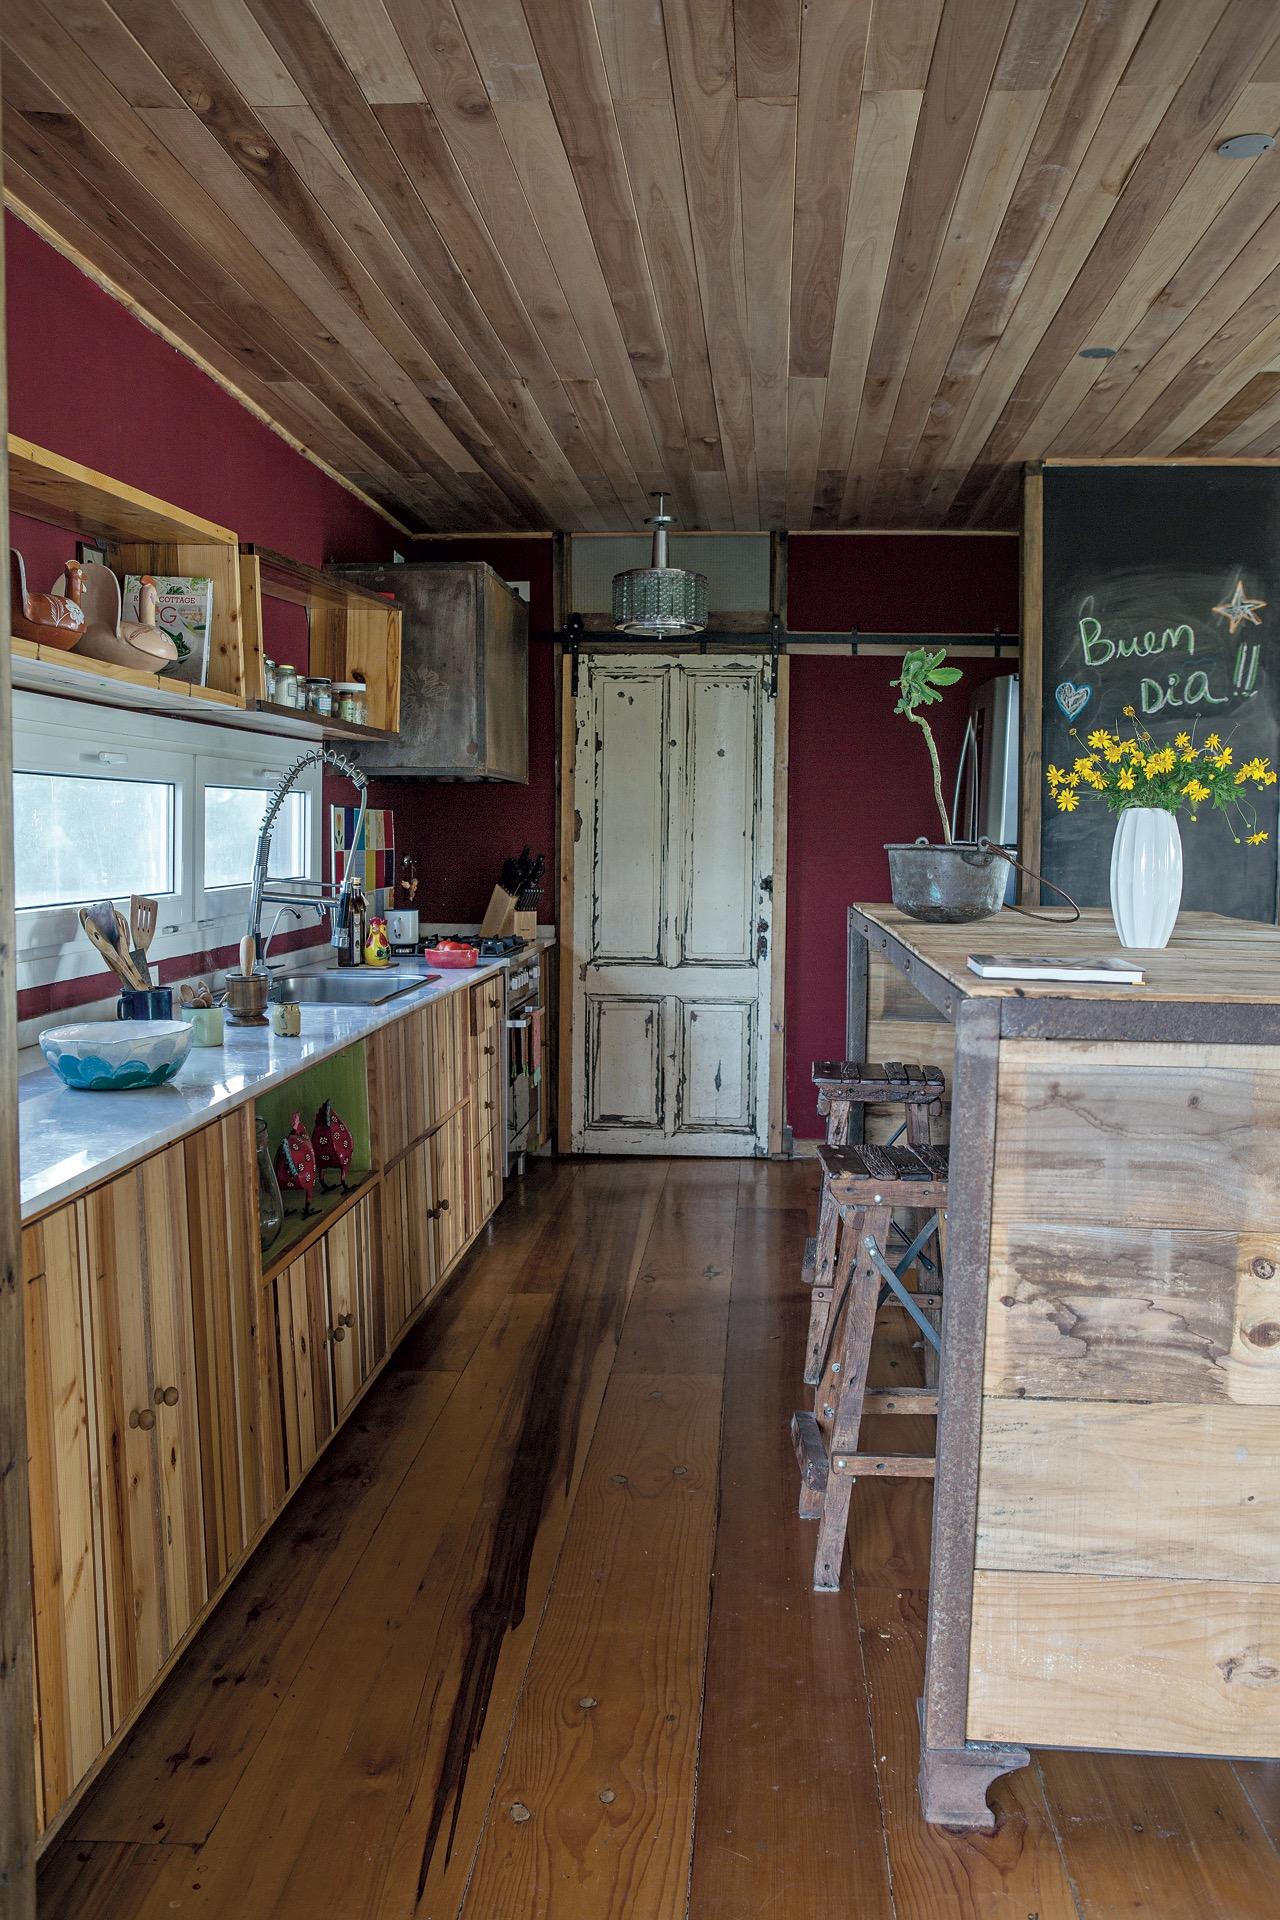 Paredes color bordó y mucha madera dan vida a esta cocina campestre.